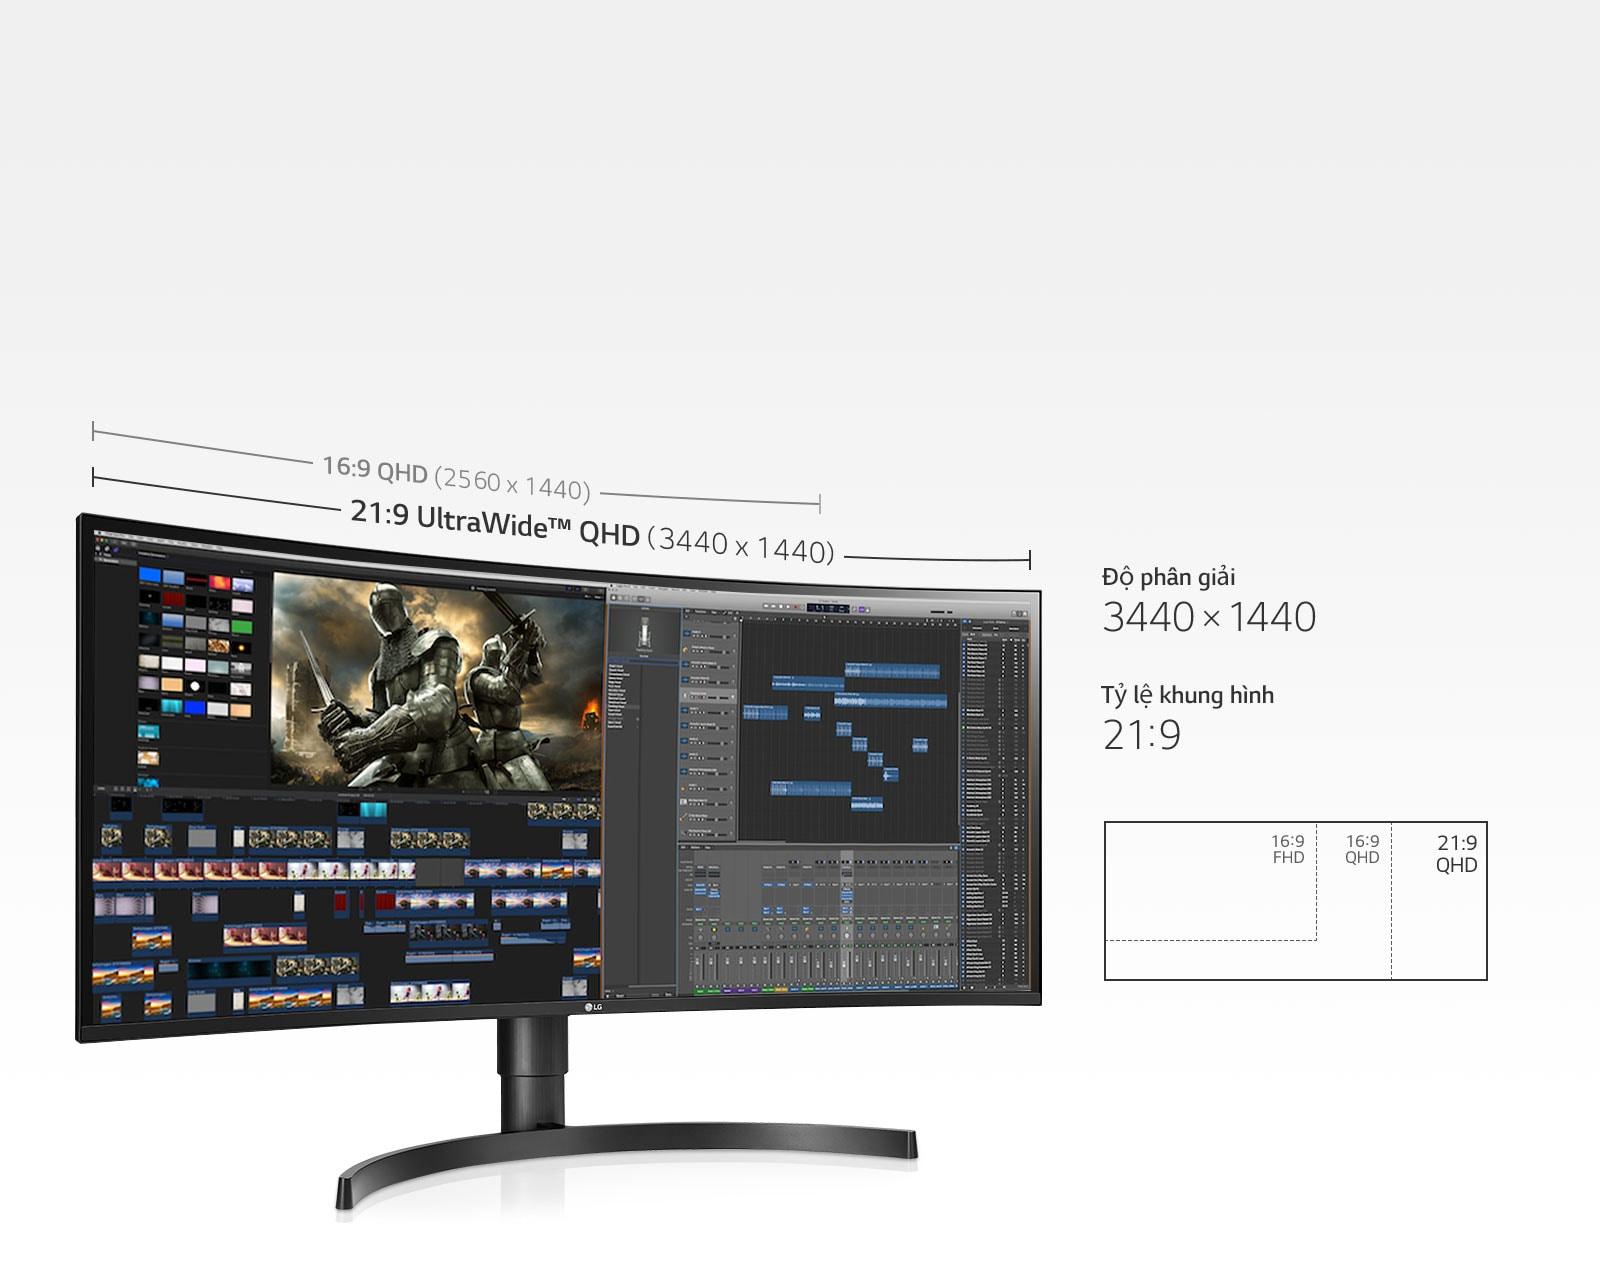 Màn hình 21:9 QHD (3440x1440) có màn ảnh rộng hơn 2,4 lần so với màn hình 16:9 Full HD (1920x1080), trong khi nhiều hơn 880px so với màn hình 16:9 QHD (2560x1440).